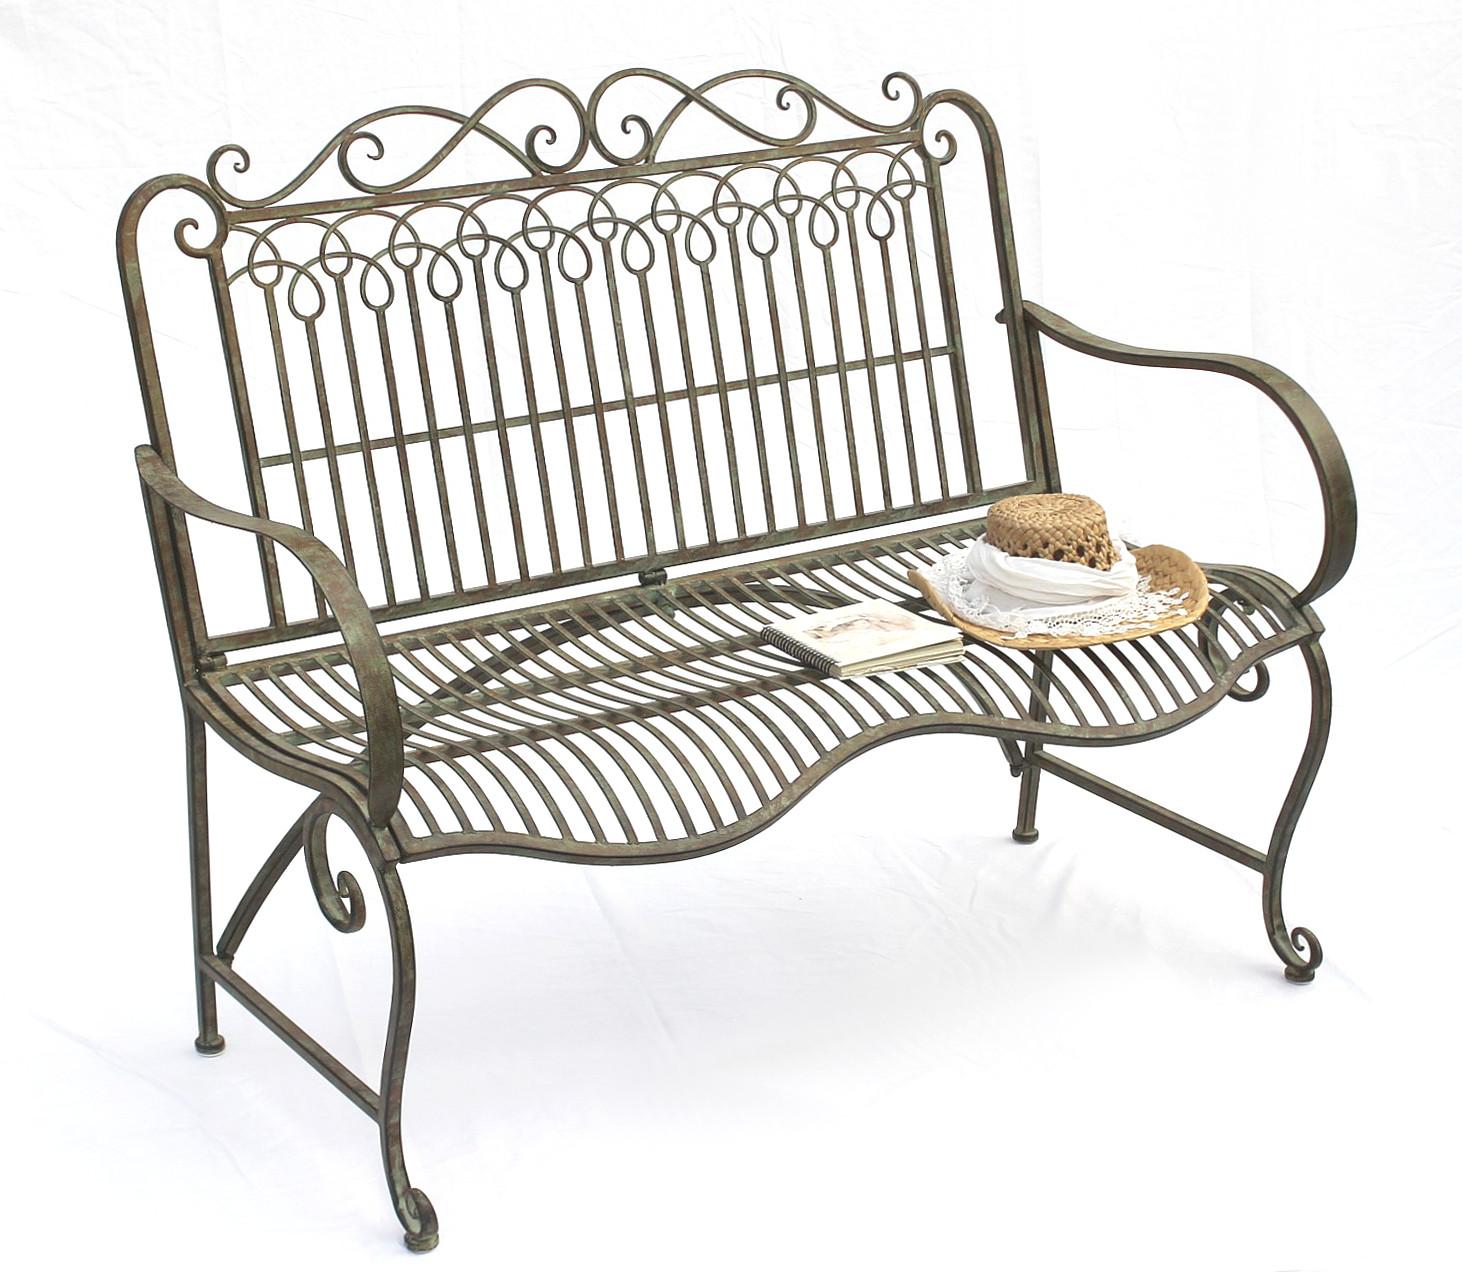 bank aus metall gartenbank jc150014 sitzbank parkbank 2 sitzer 110cm patina gr n ebay. Black Bedroom Furniture Sets. Home Design Ideas